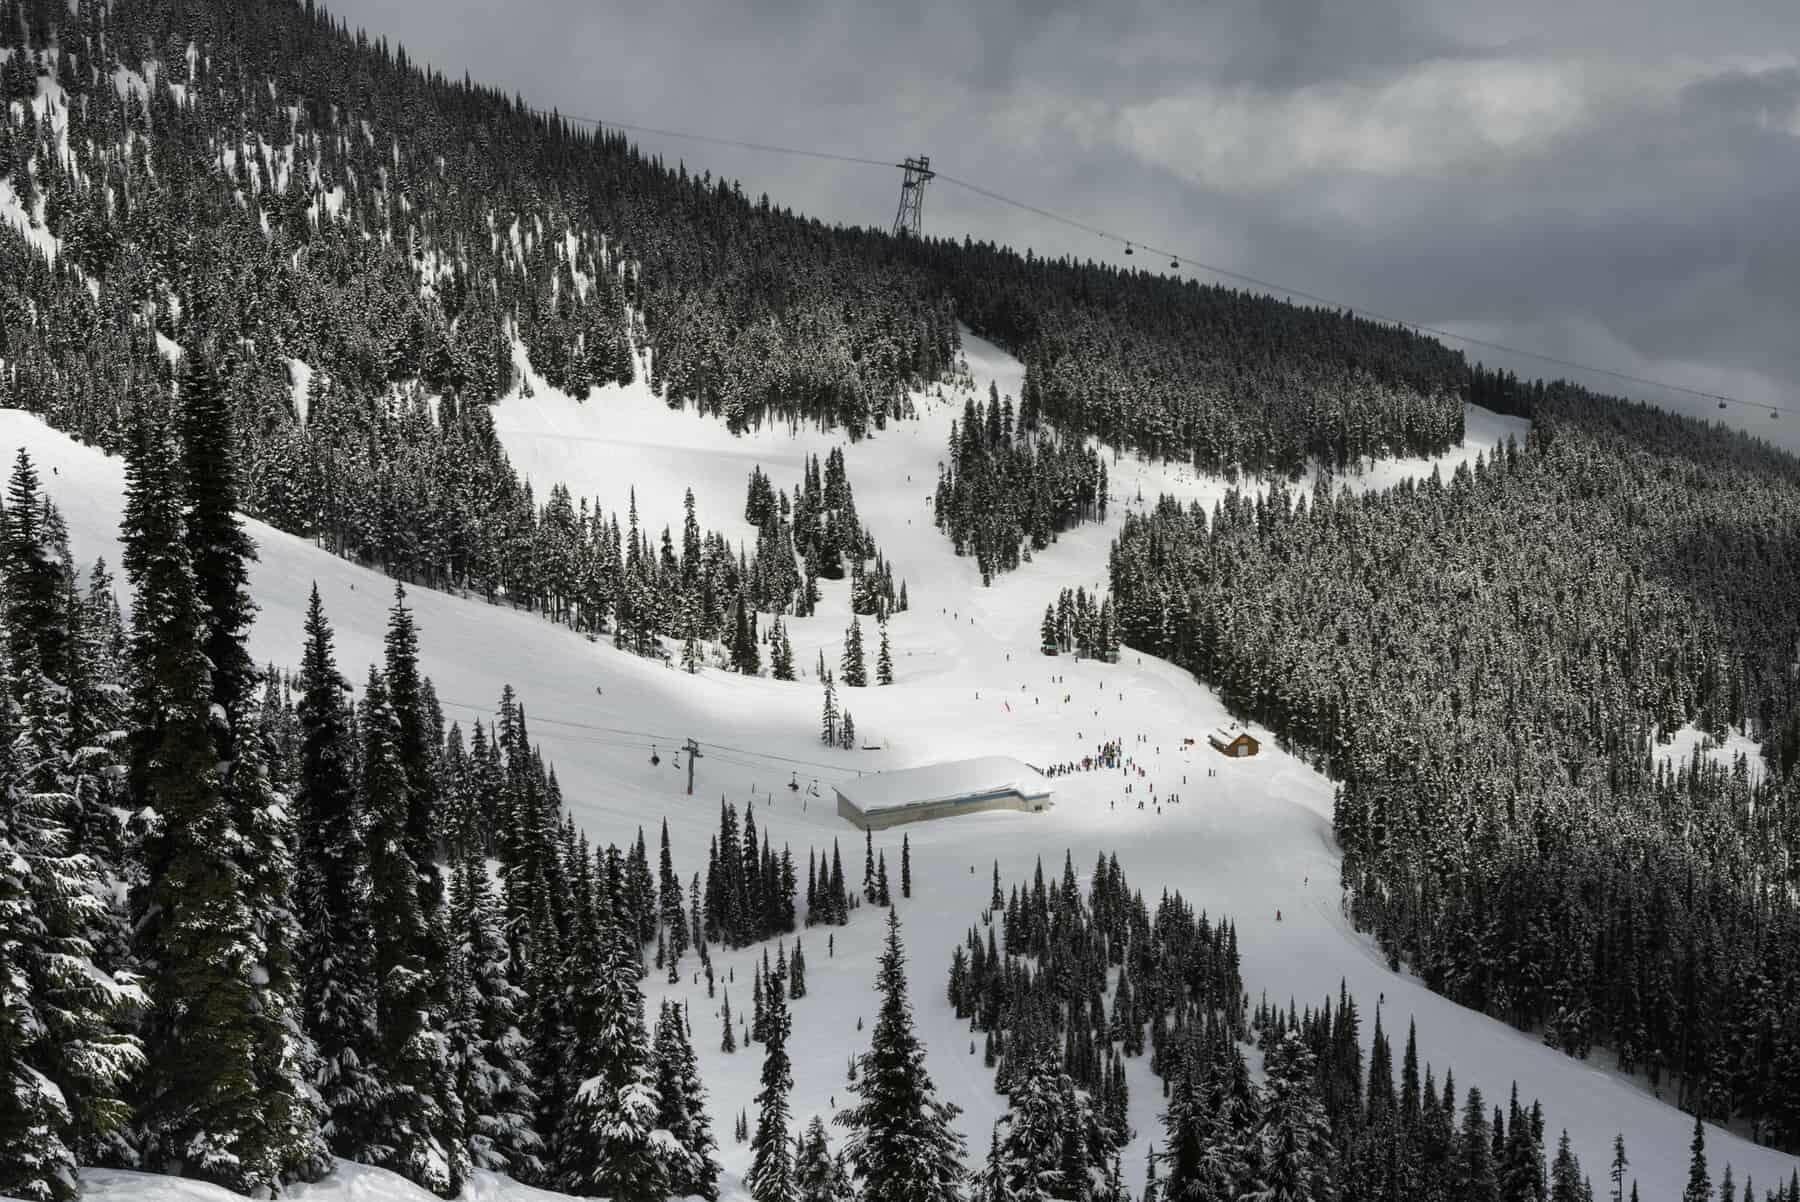 Naturskøn udsigt over skisportssted og træer på bjerget, Whistler, British Columbia, Canada